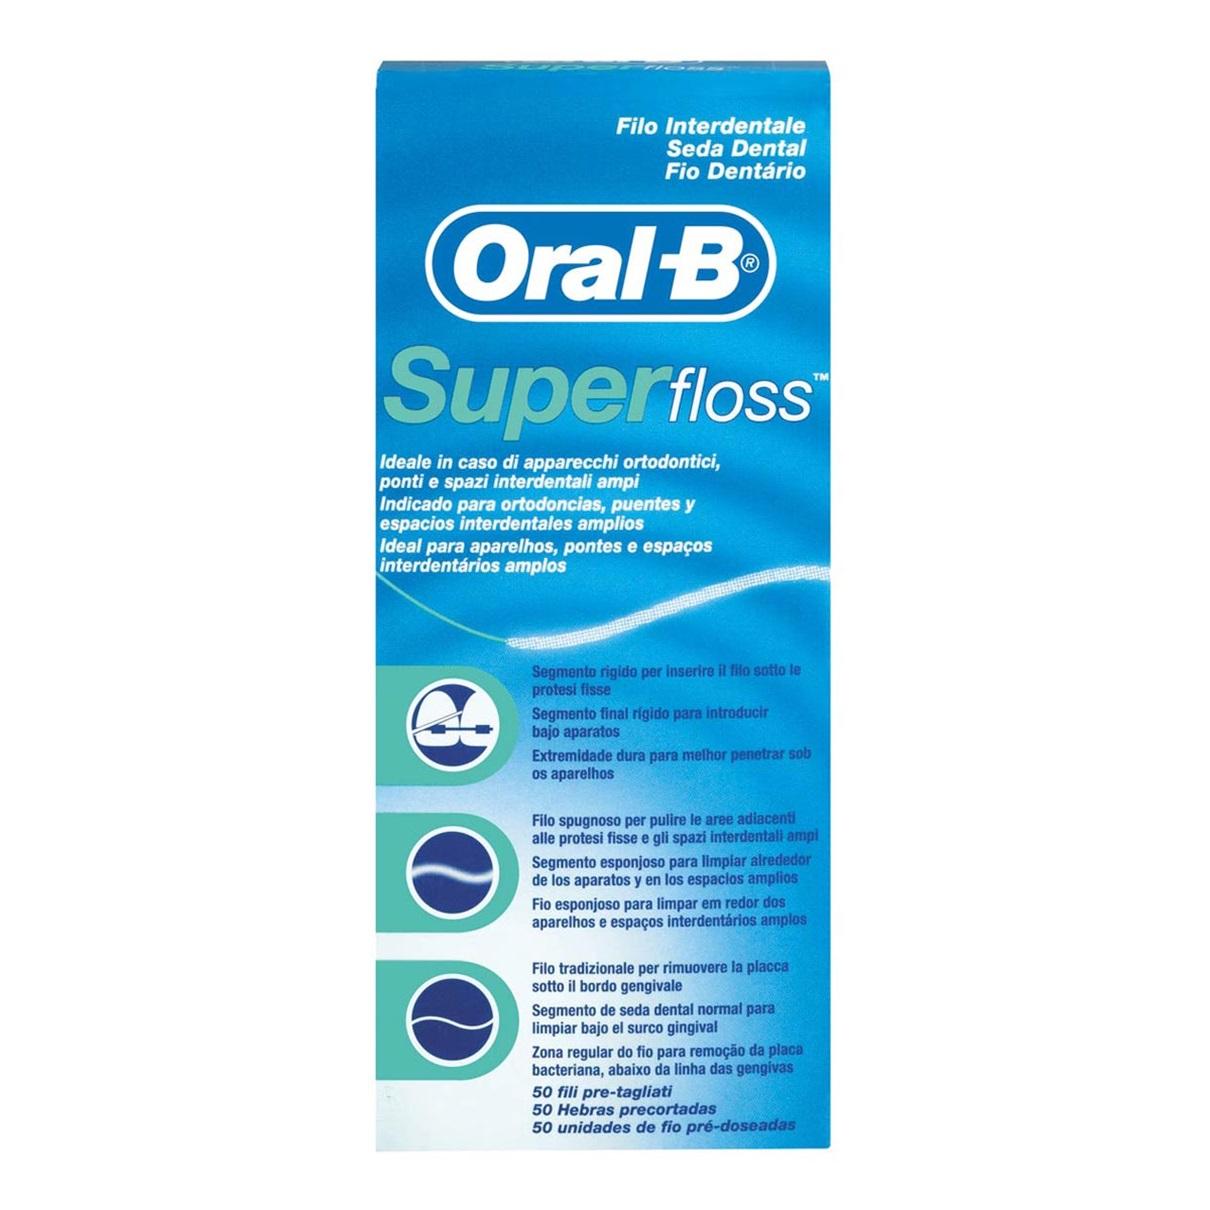 4103330017369_filo-interdentale-oral-b-super-floss_1200